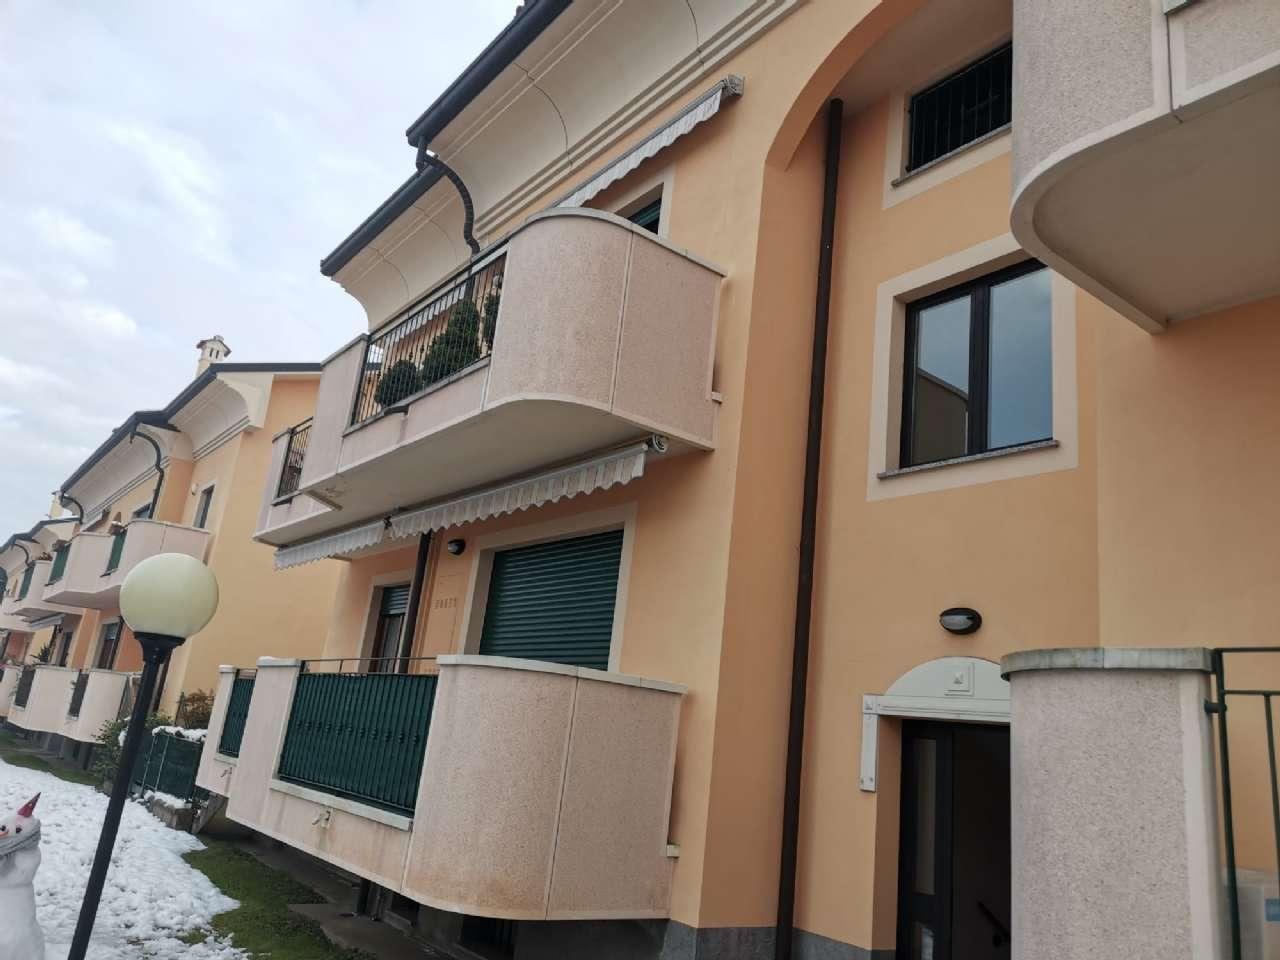 Appartamento in affitto a Mesero, 3 locali, prezzo € 600   PortaleAgenzieImmobiliari.it